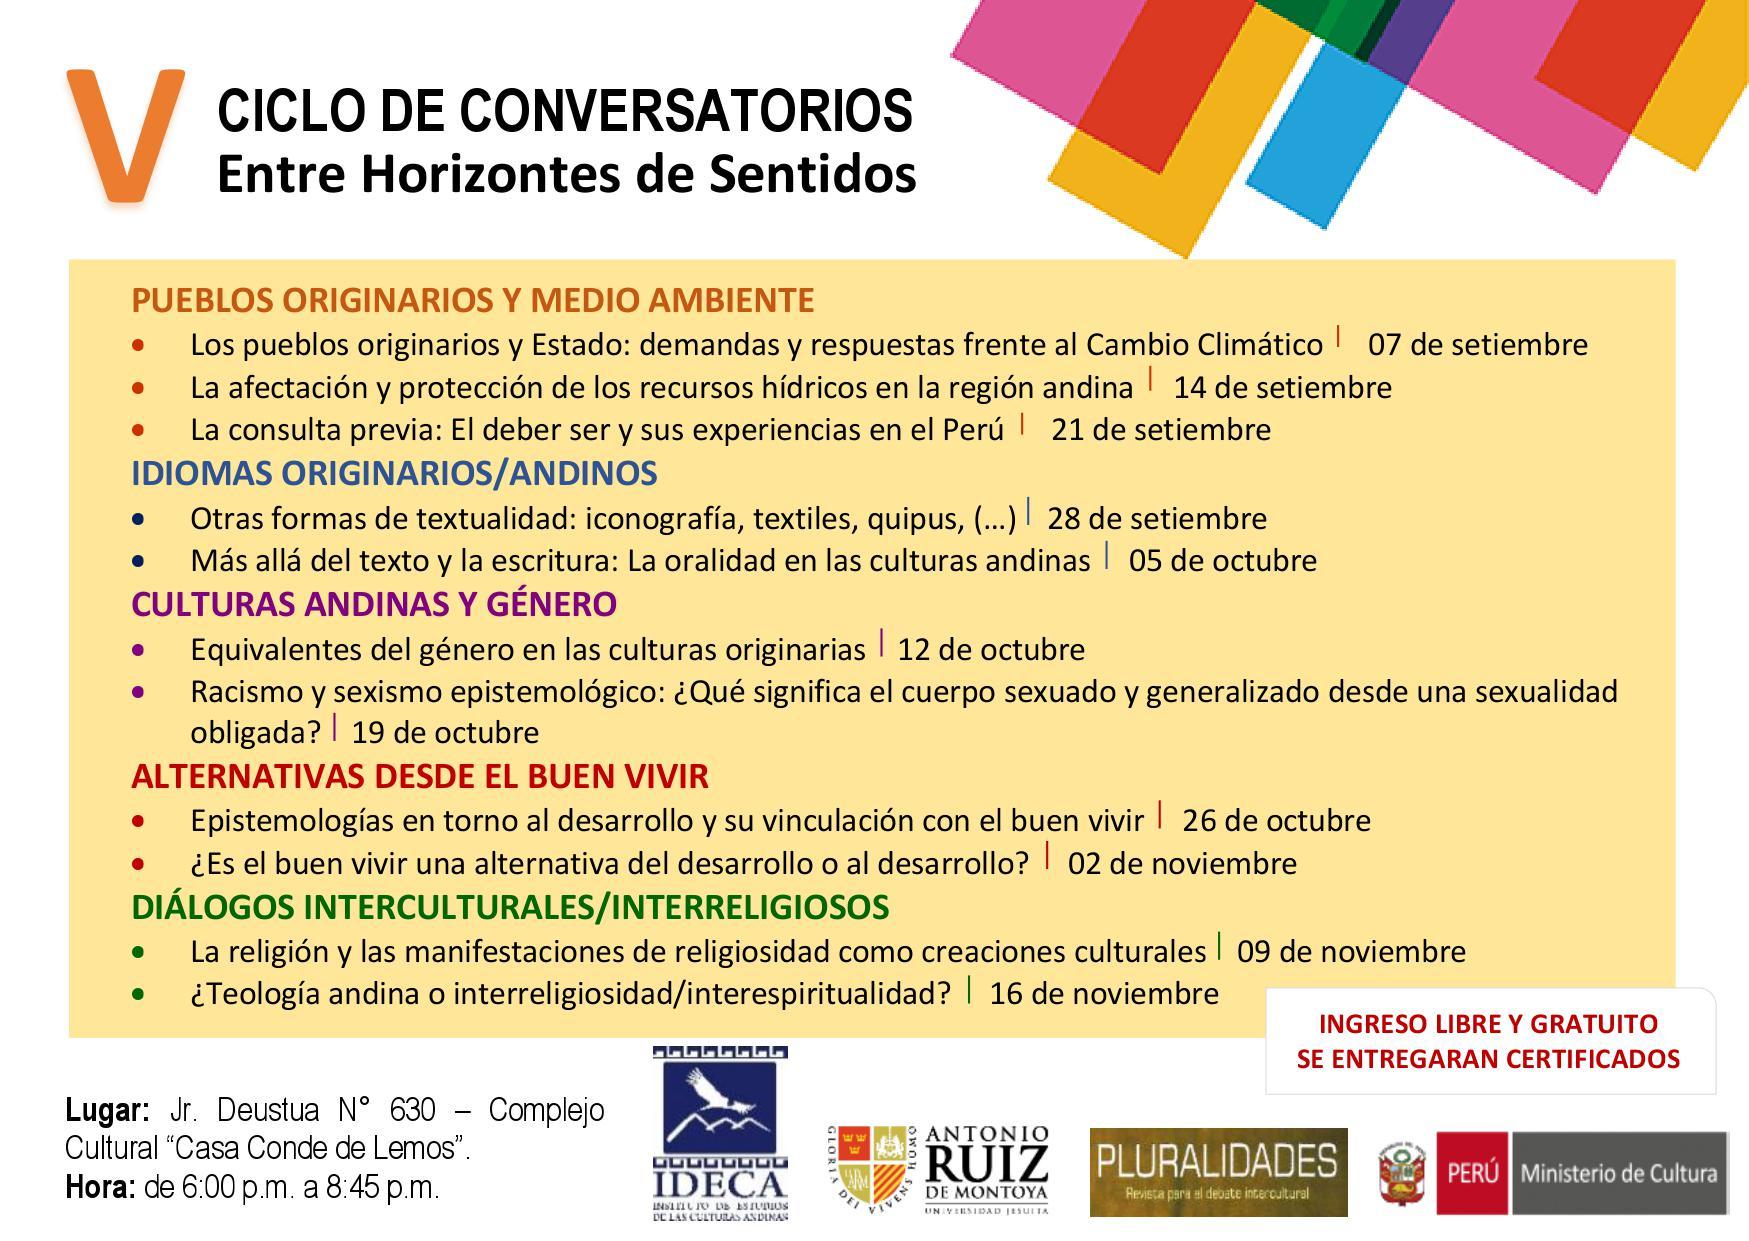 """V CICLO DE CONVERSATORIOS: """"ENTRE HORIZONTES DE SENTIDO"""""""